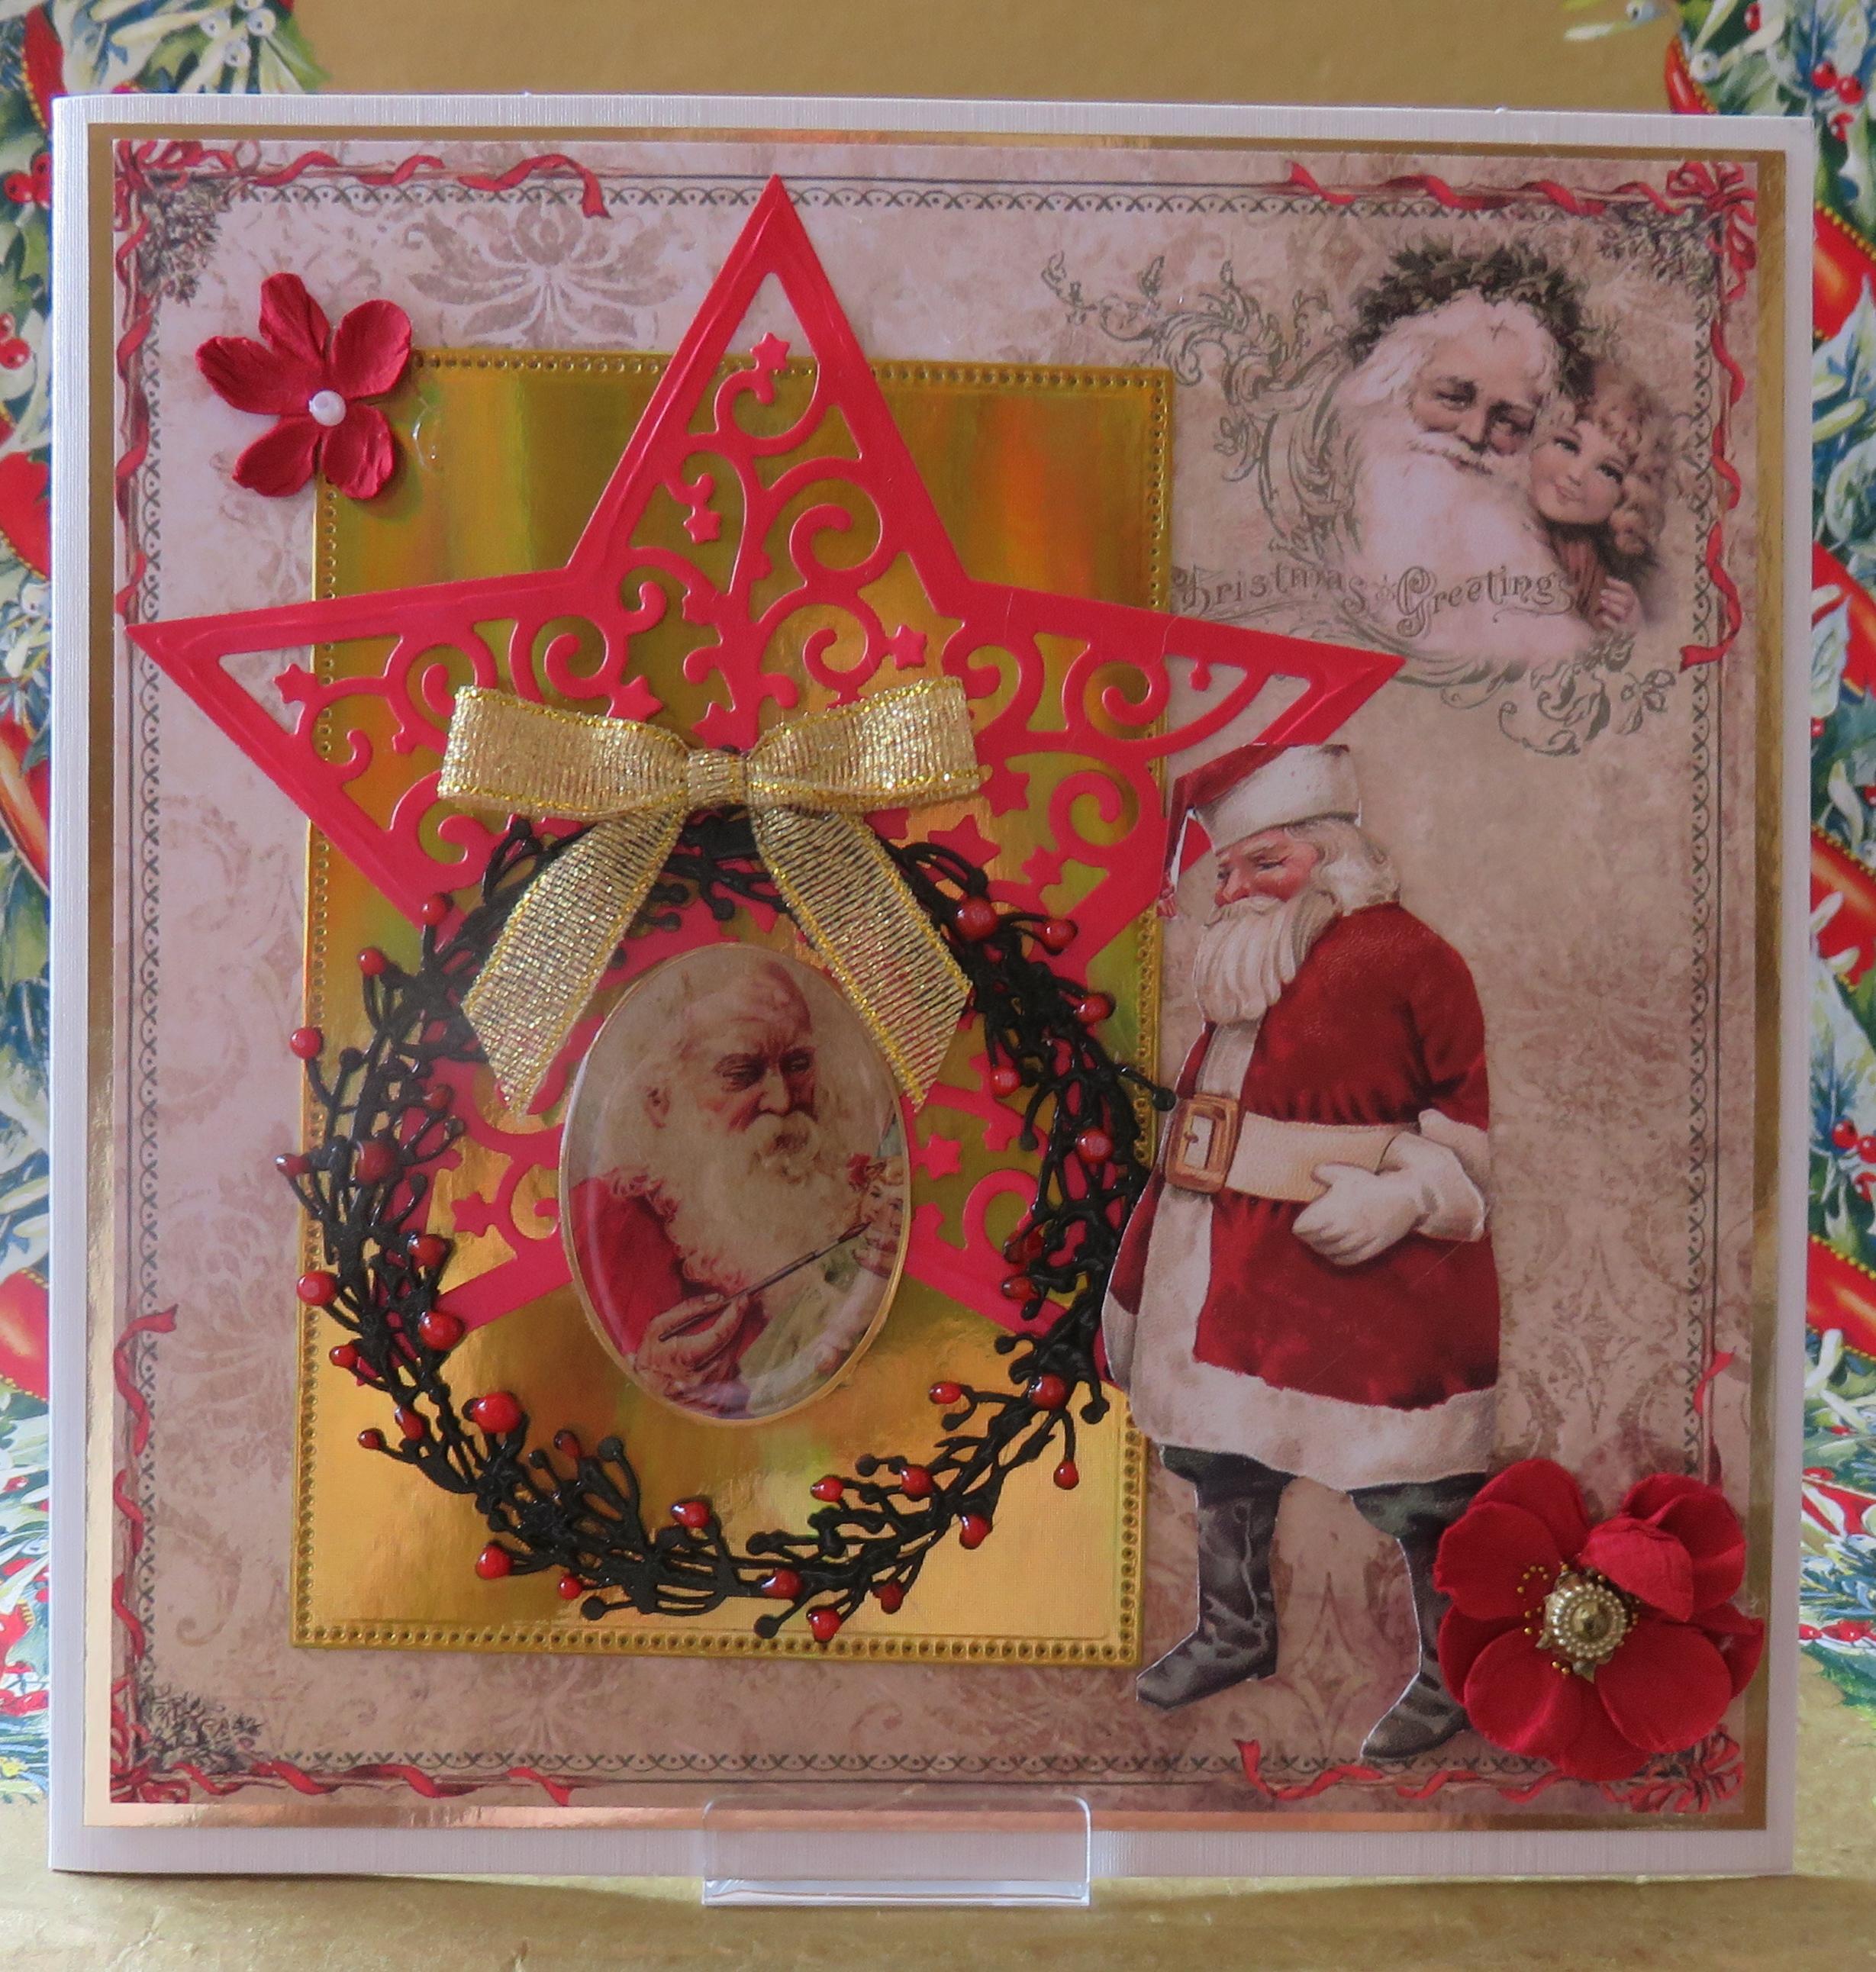 Bilder Weihnachten Nostalgisch.Grußkarte Weihnachten Nostalgisch Weihnachtsmann